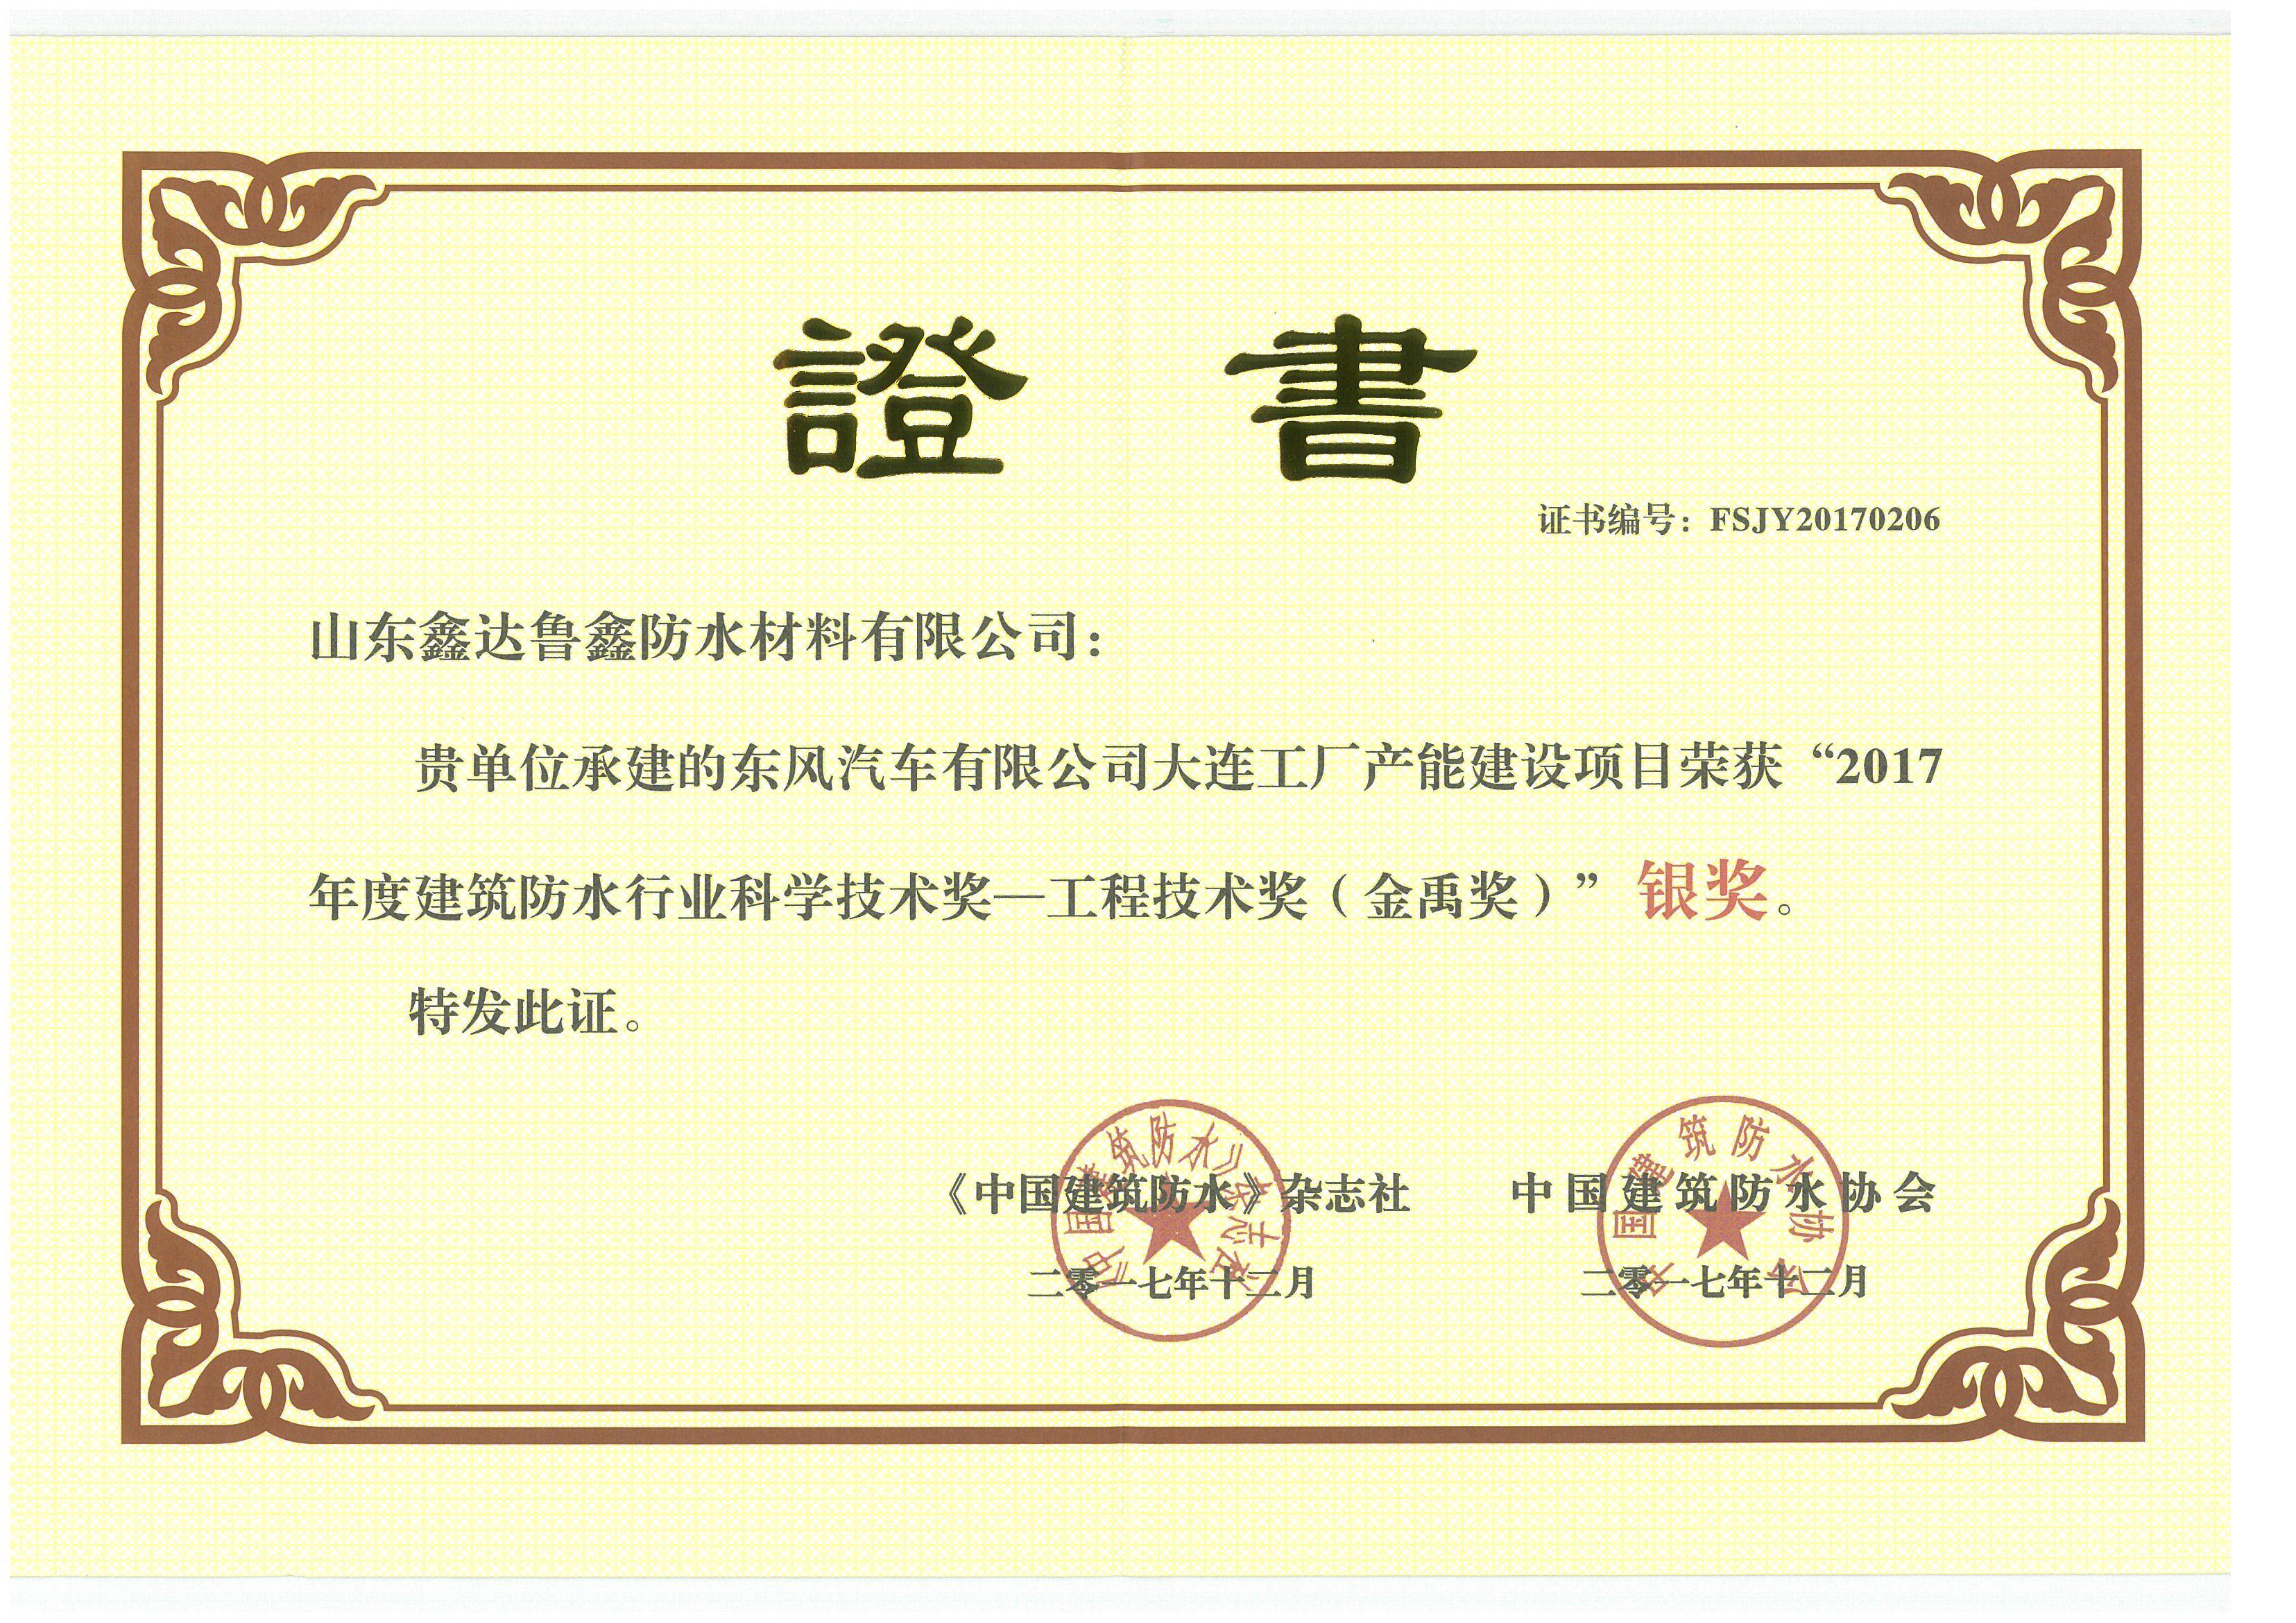 2017年建筑防水行业科学技术奖——工程技术奖